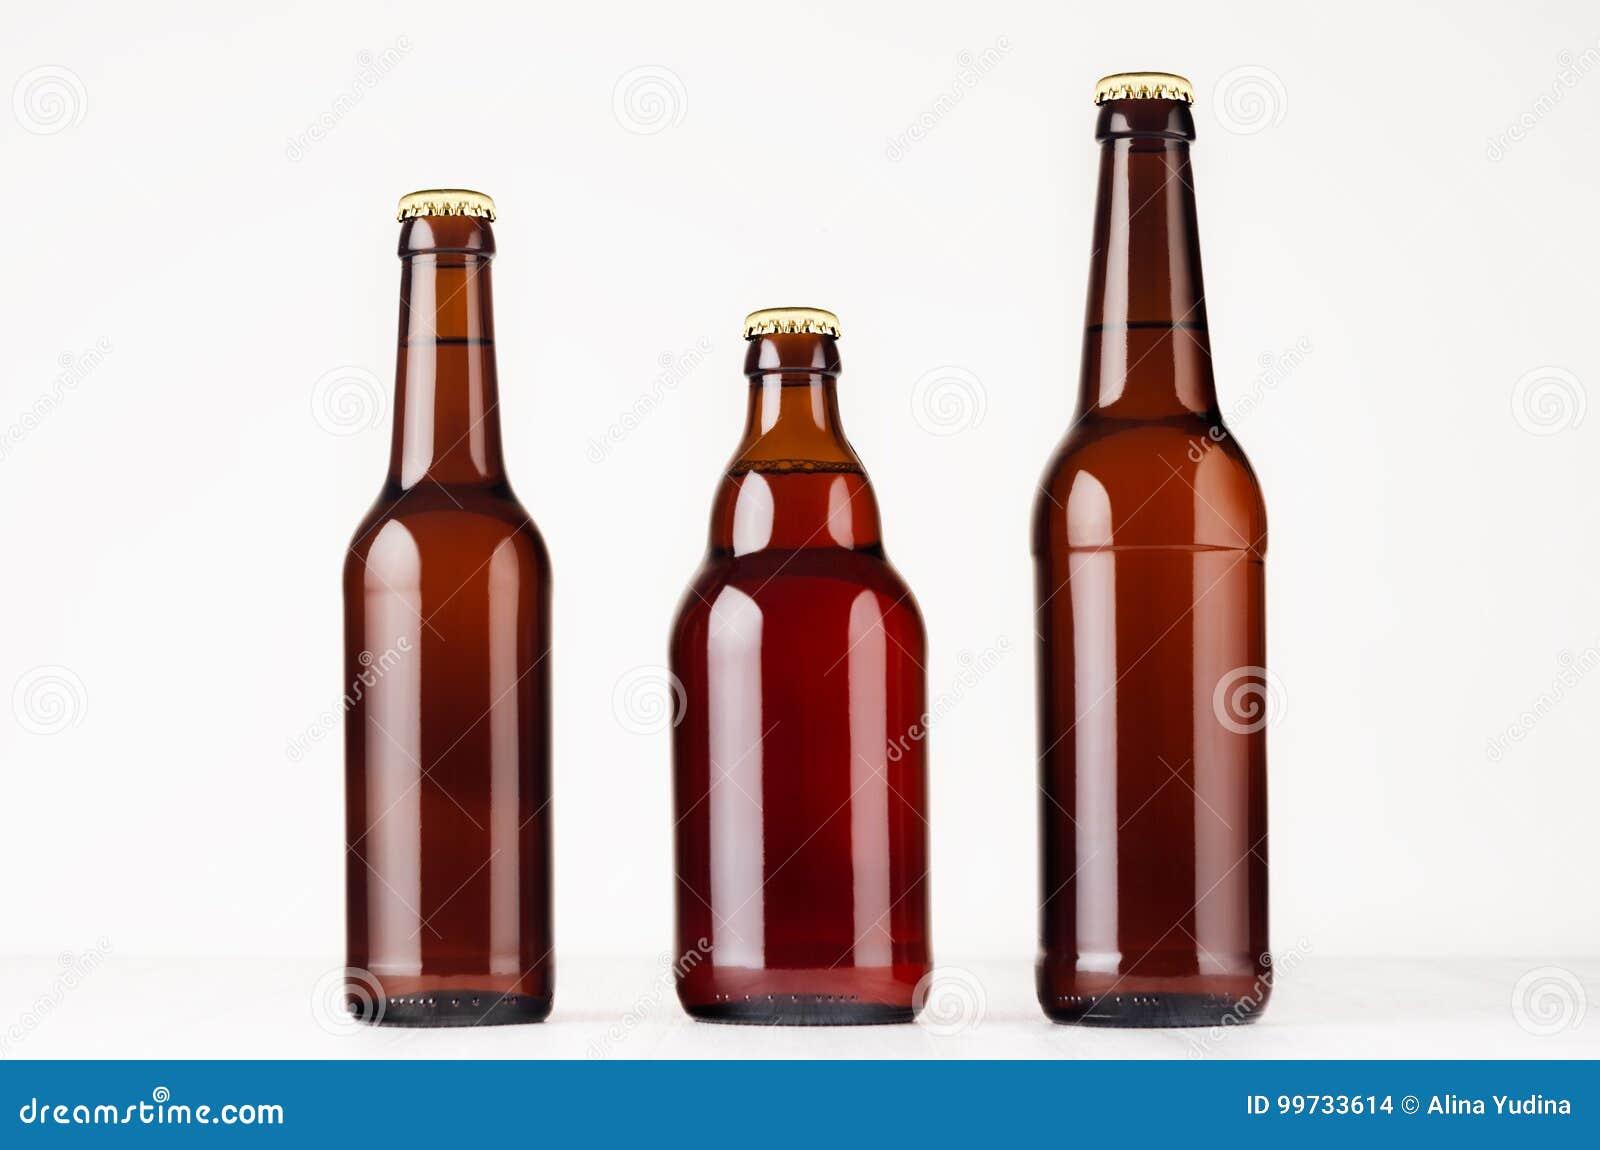 Σύνολο διαφορετικών καφετιών μπουκαλιών μπύρας 500ml και χλεύης 330ml επάνω Πρότυπο για τη διαφήμιση, σχέδιο, ταυτότητα μαρκαρίσμ